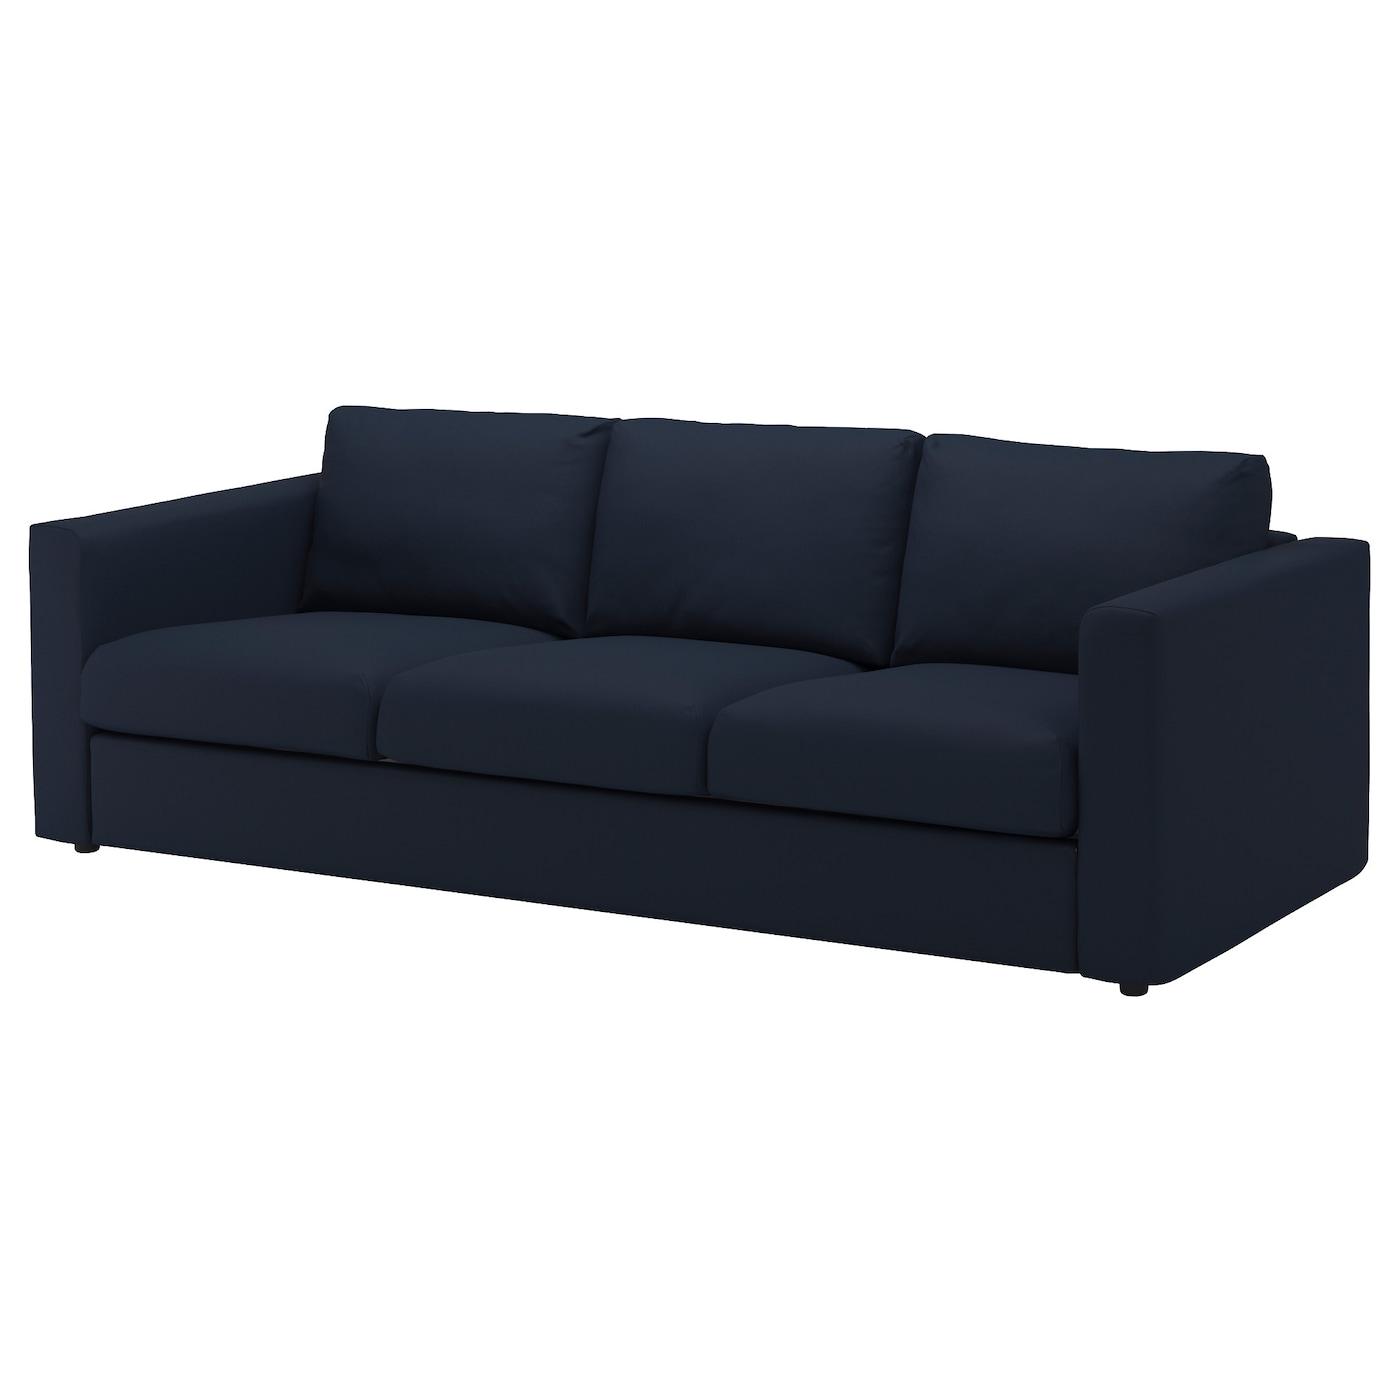 Fabric sofas ikea - Sofa para tres ...